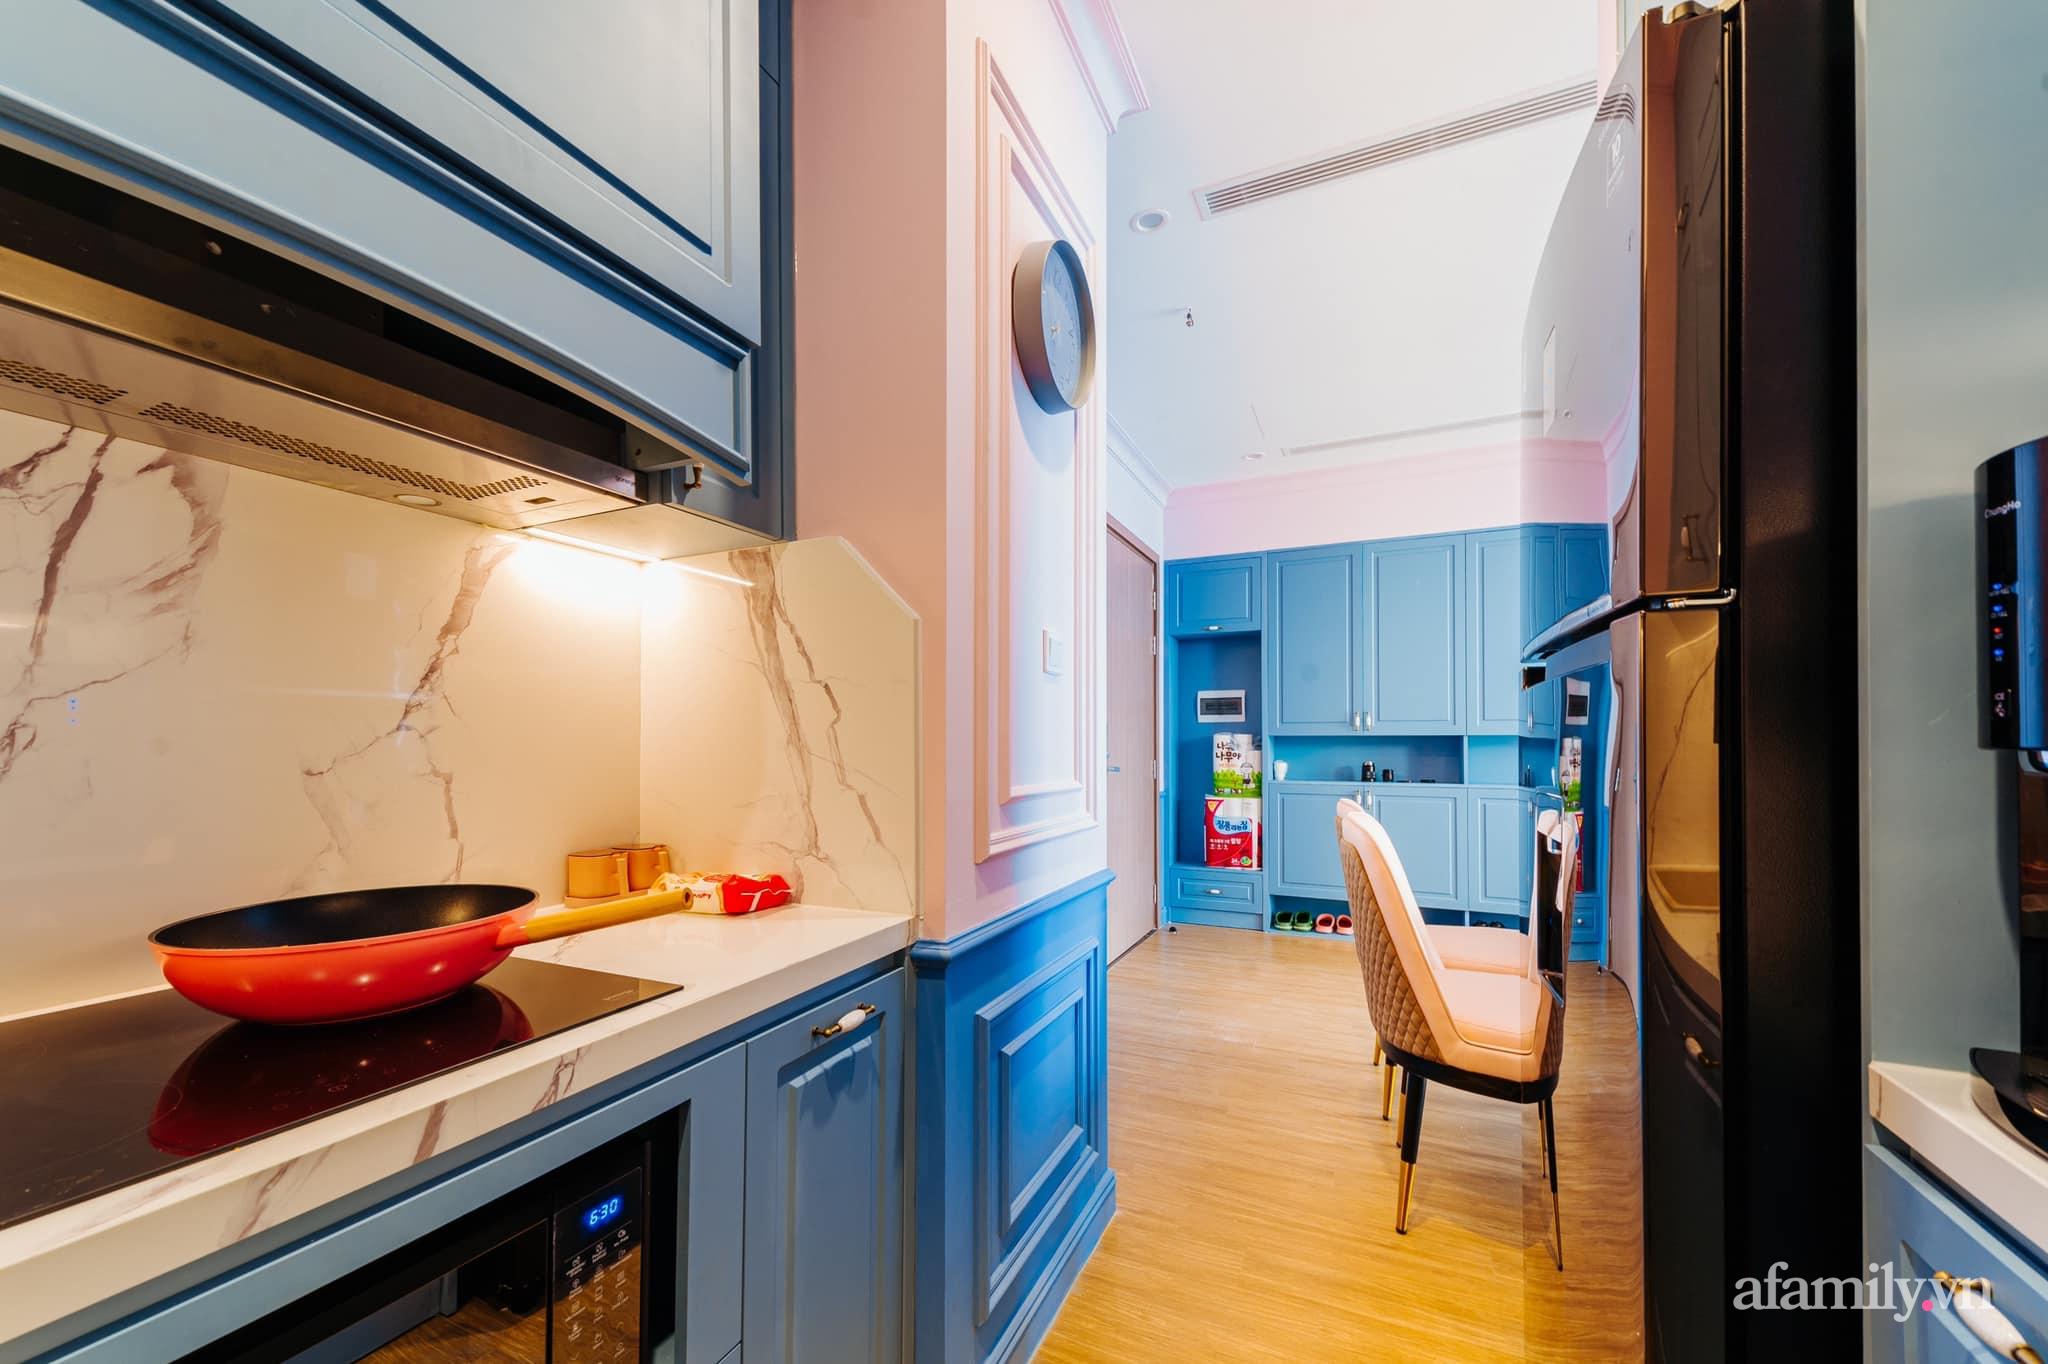 Căn hộ 45m² đẹp không góc chết với điểm nhấn màu xanh hồng cực chất có chi phí hoàn thiện 200 triệu đồng ở Hà Nội - Ảnh 7.